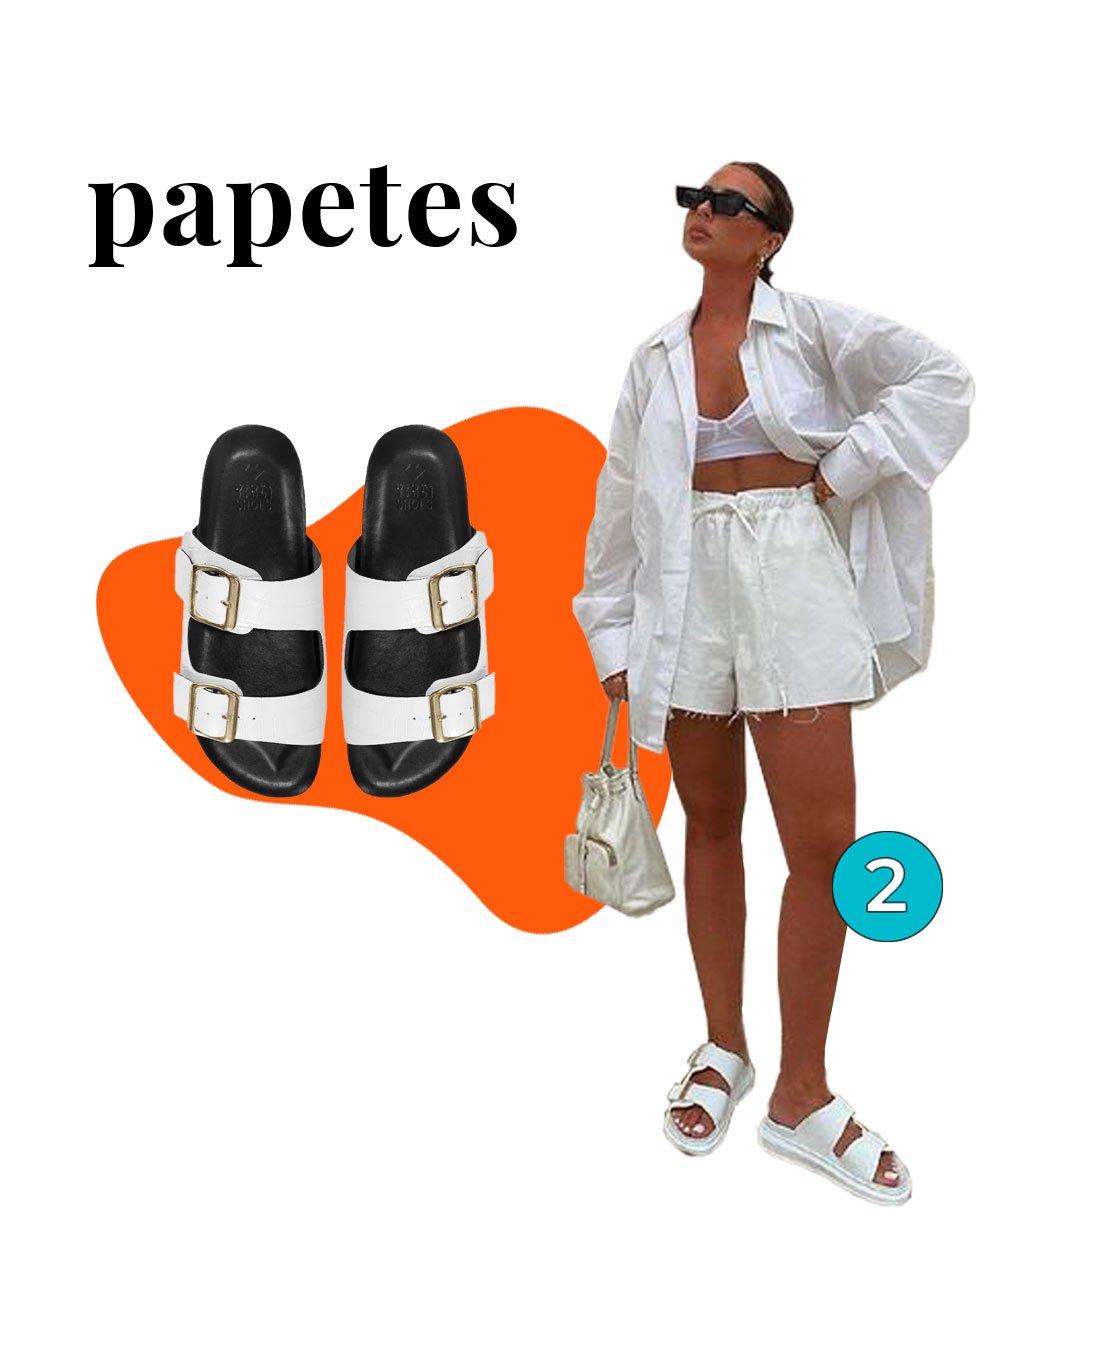 Ellie Beatrice Joslin - Street Style - tendência no verão - Verão - Steal the Look  - https://stealthelook.com.br